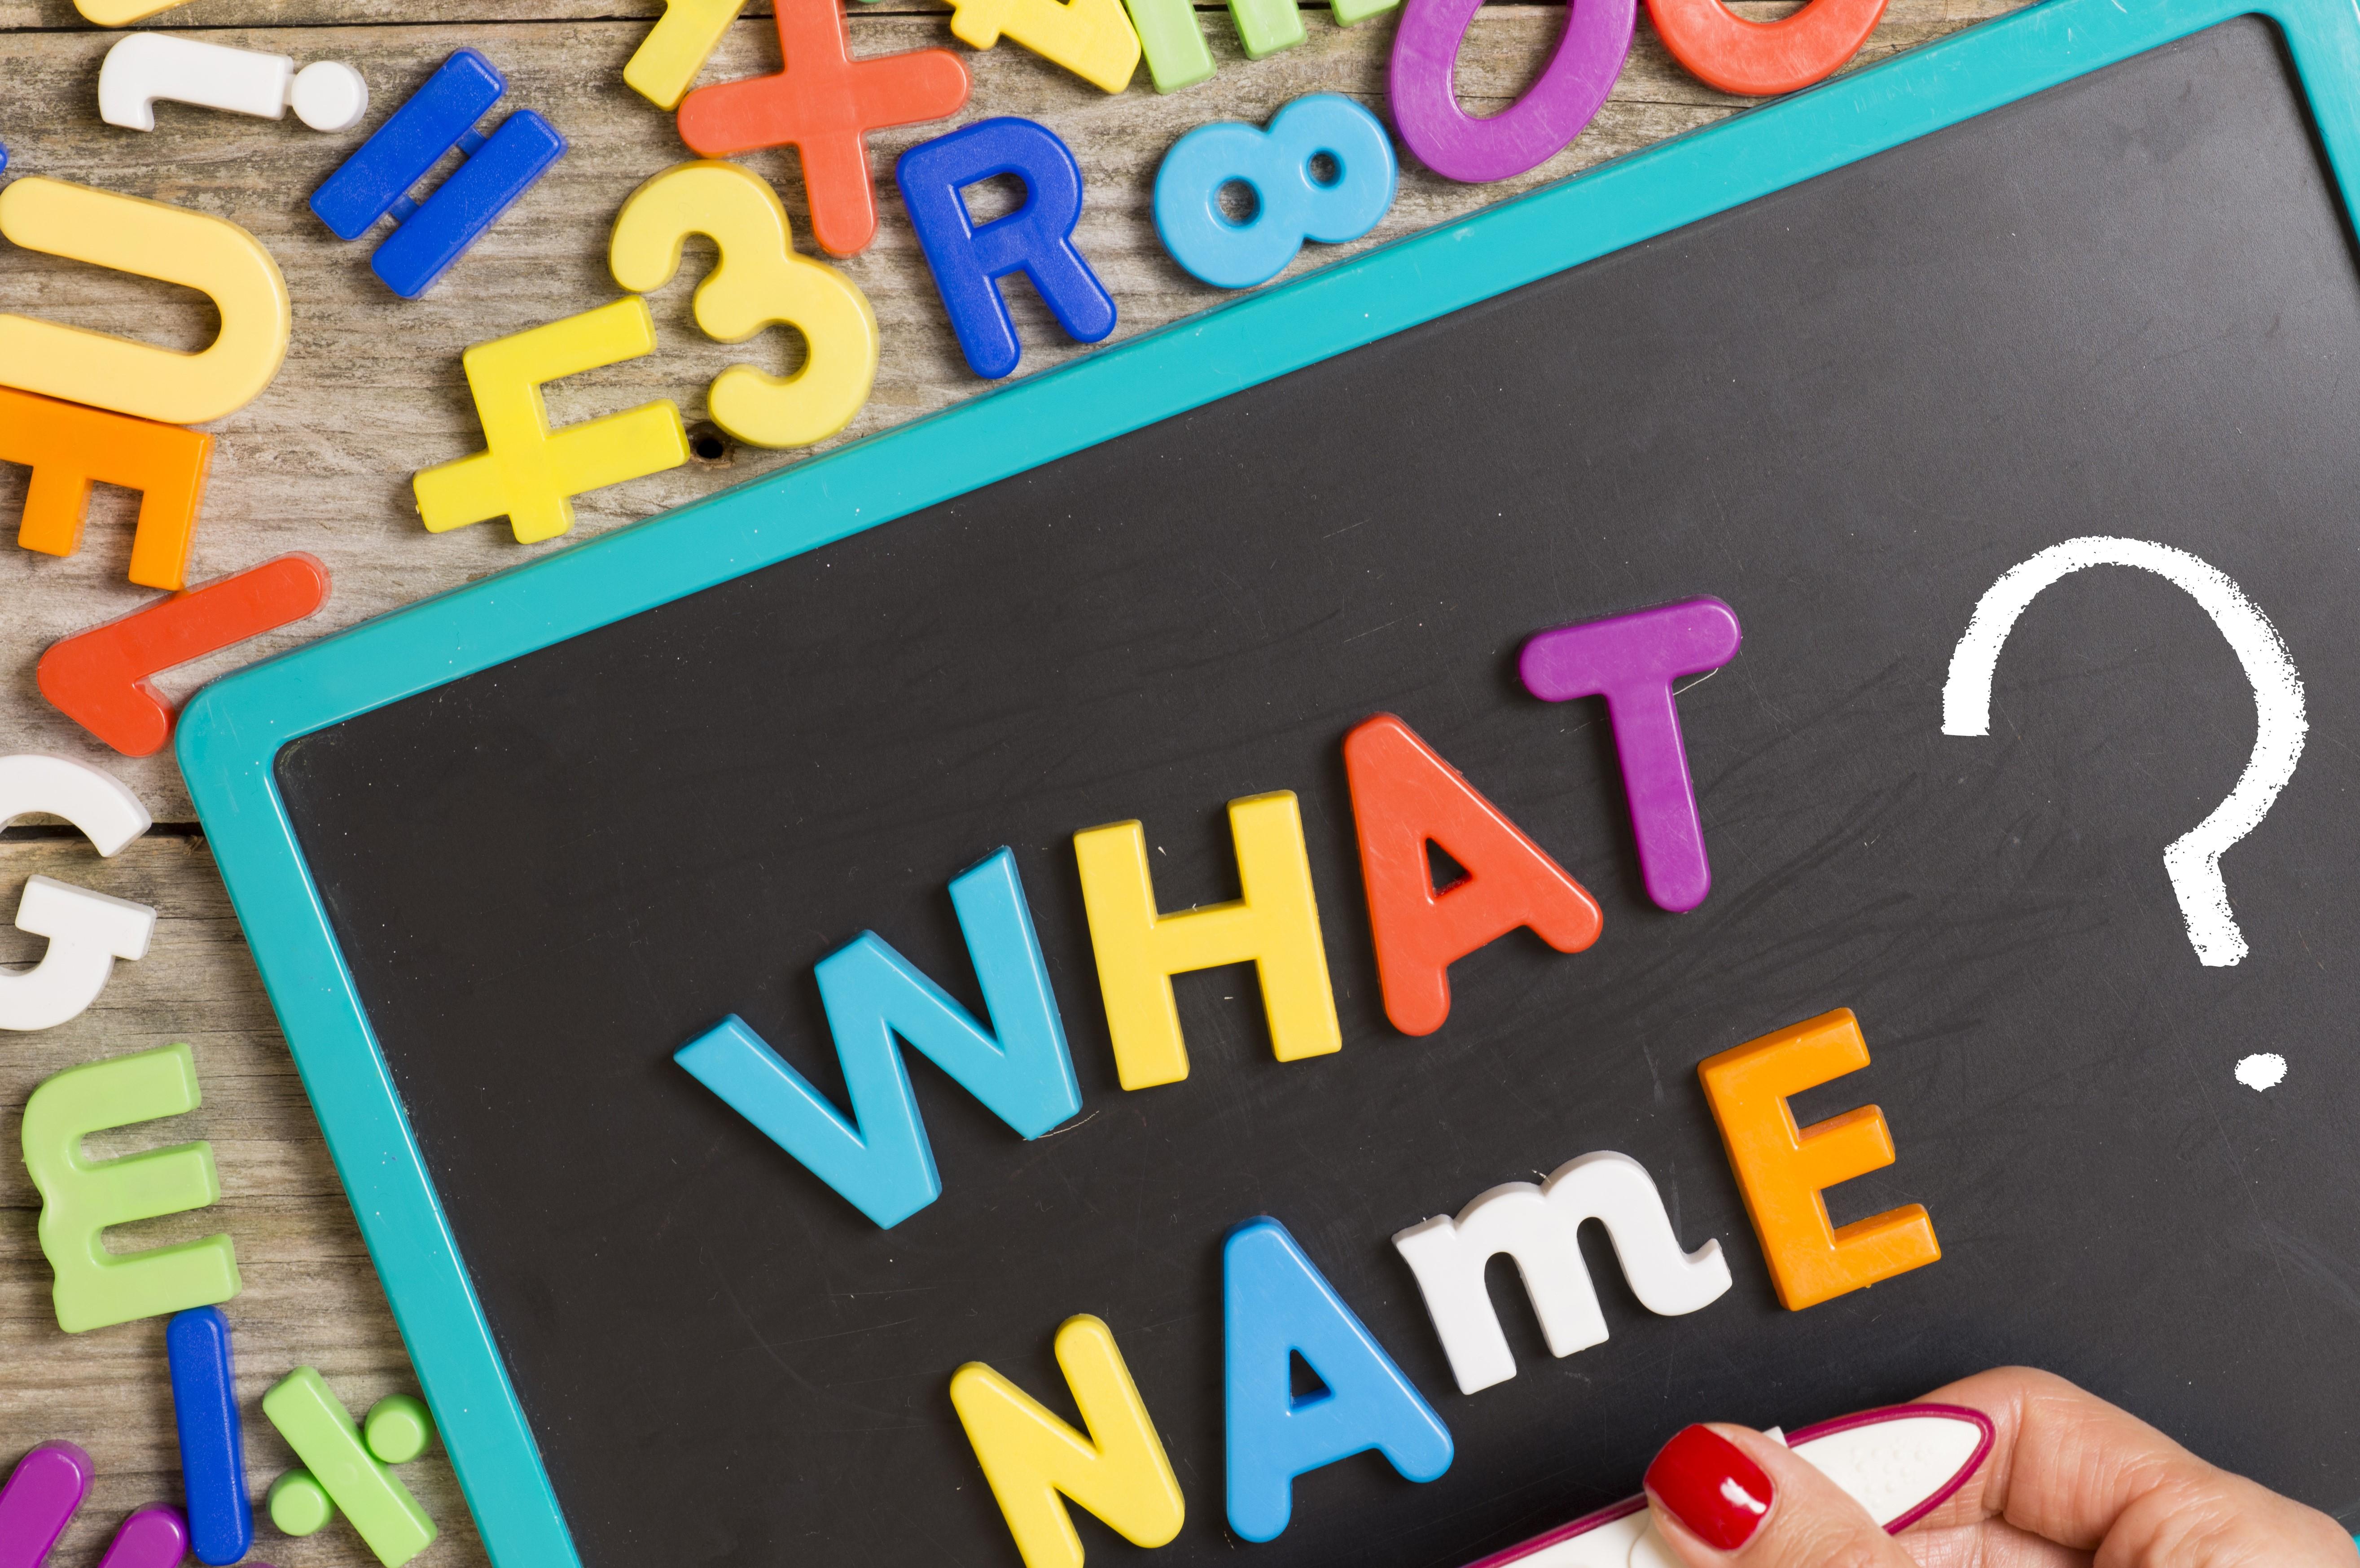 What Name Brings Joy?